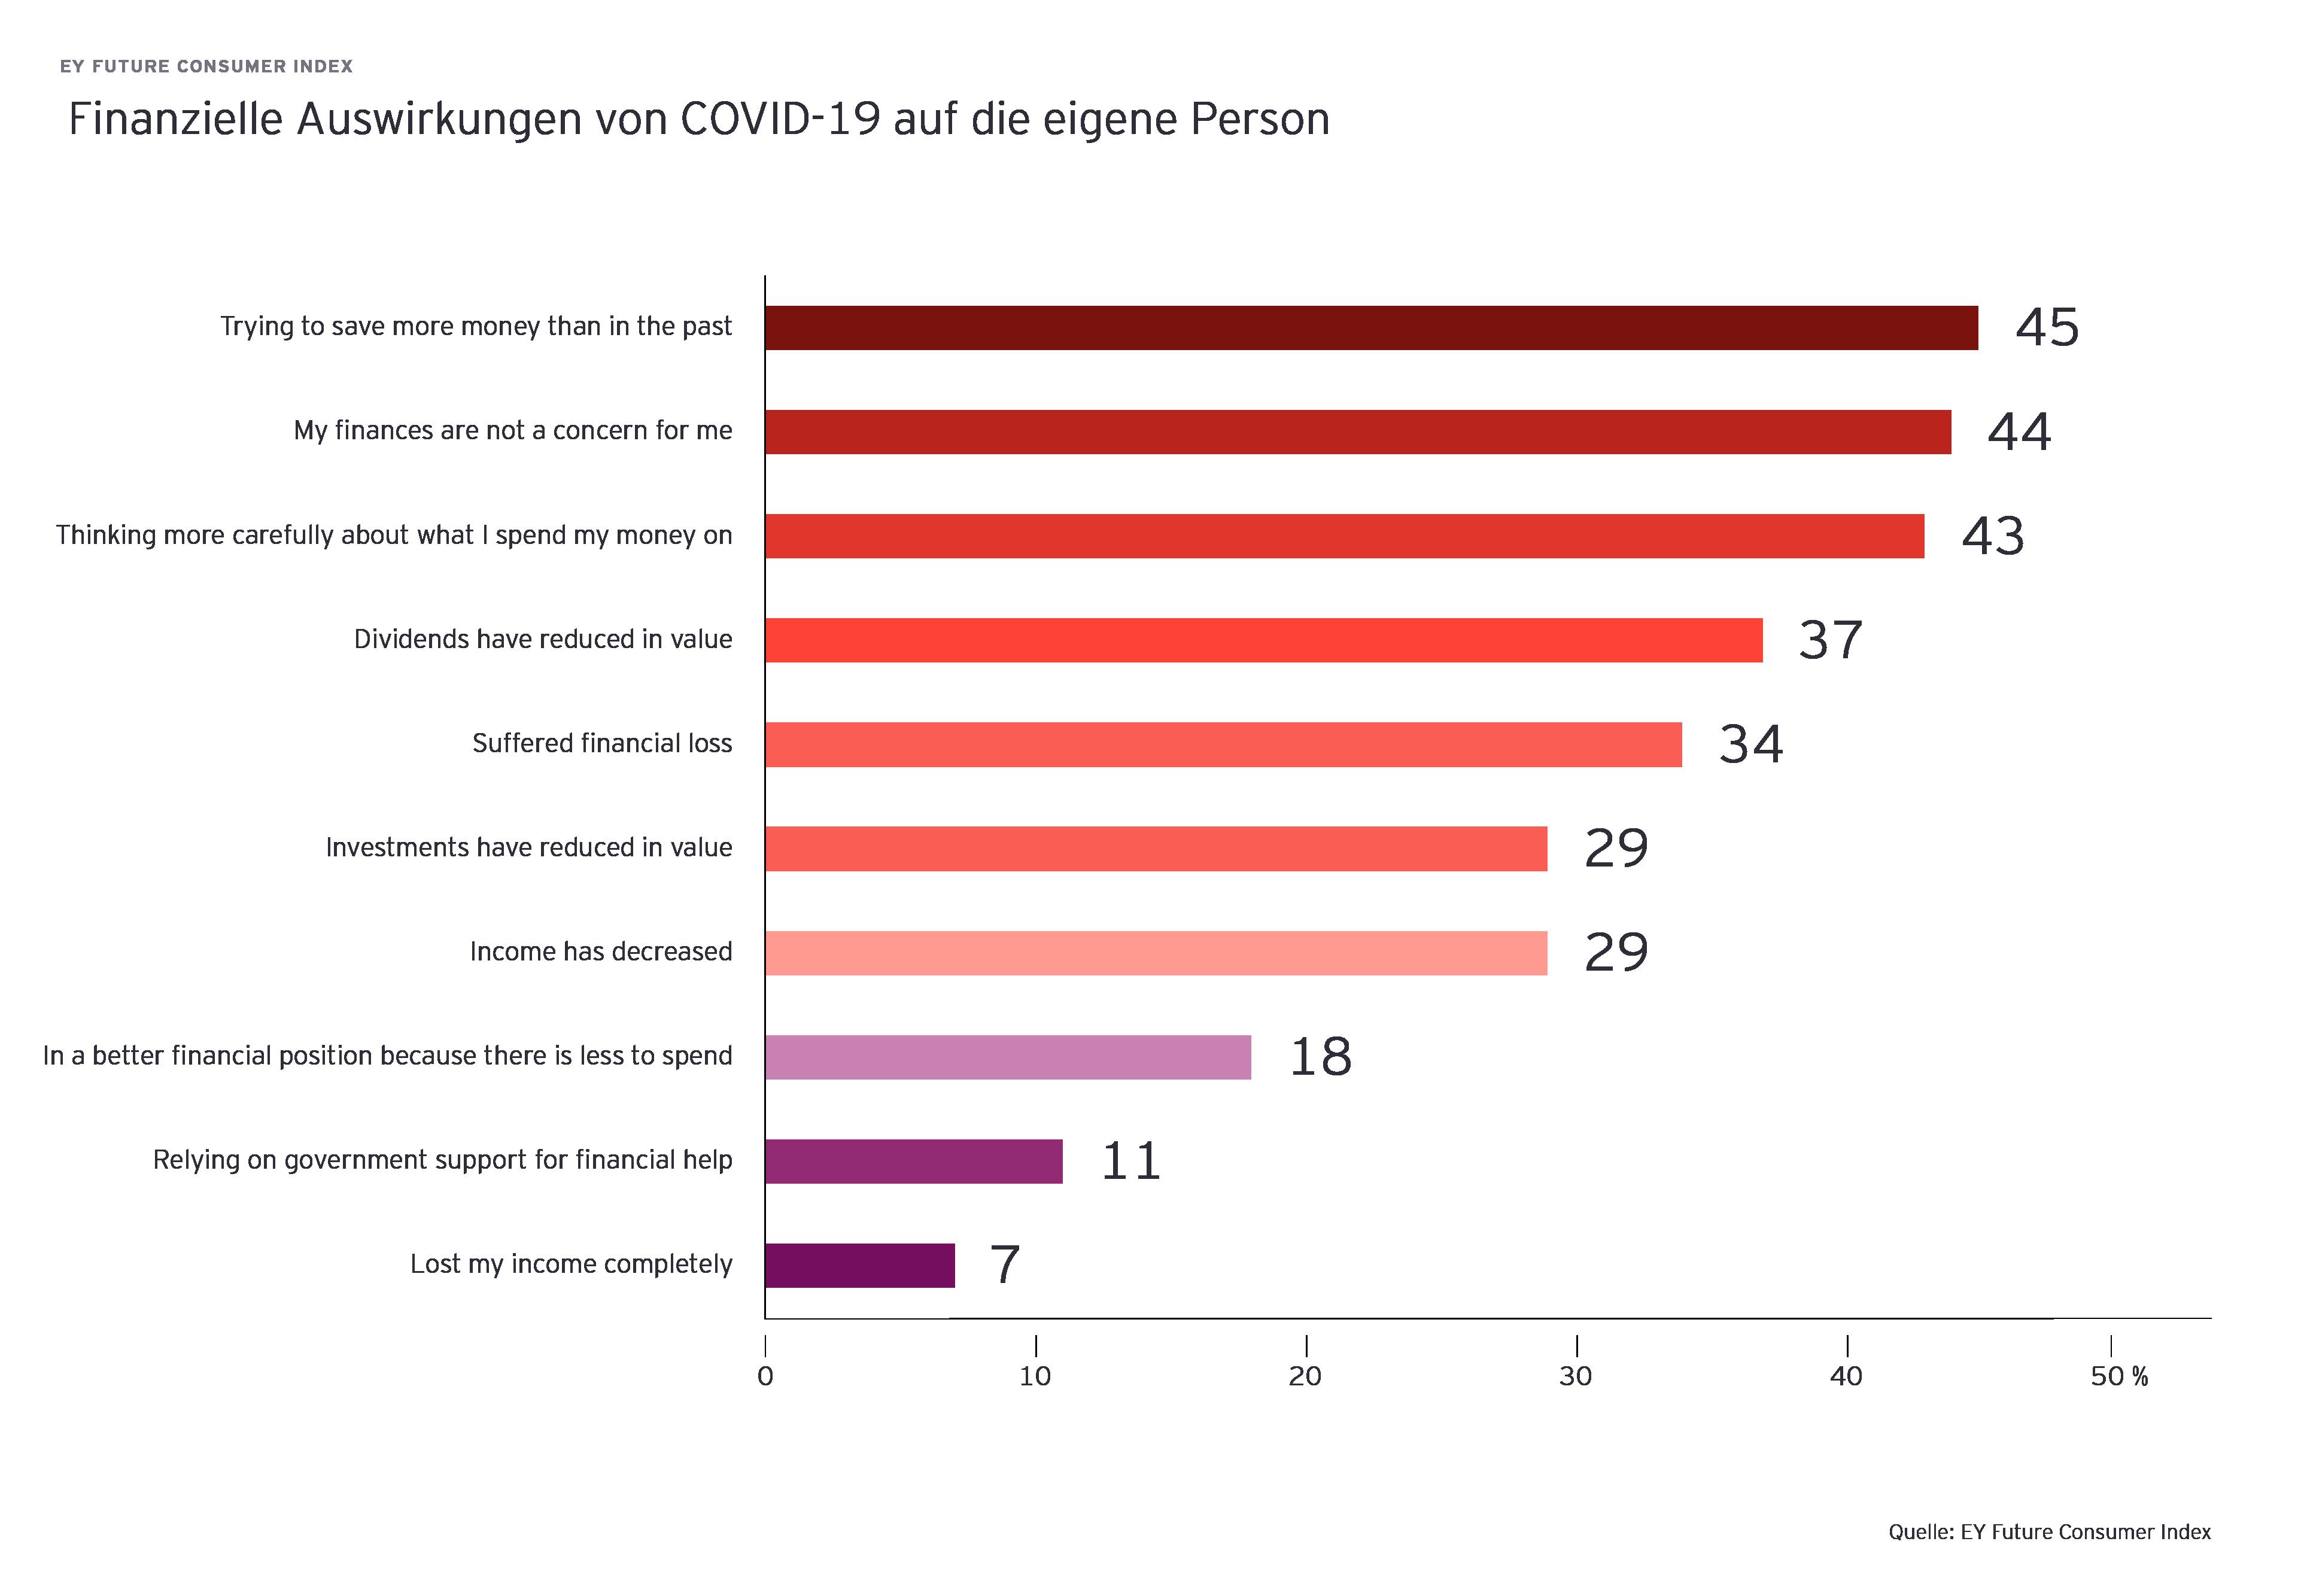 Diagramm zeigt finanzielle Auswirkungen von COVID-19 auf die eigene Person